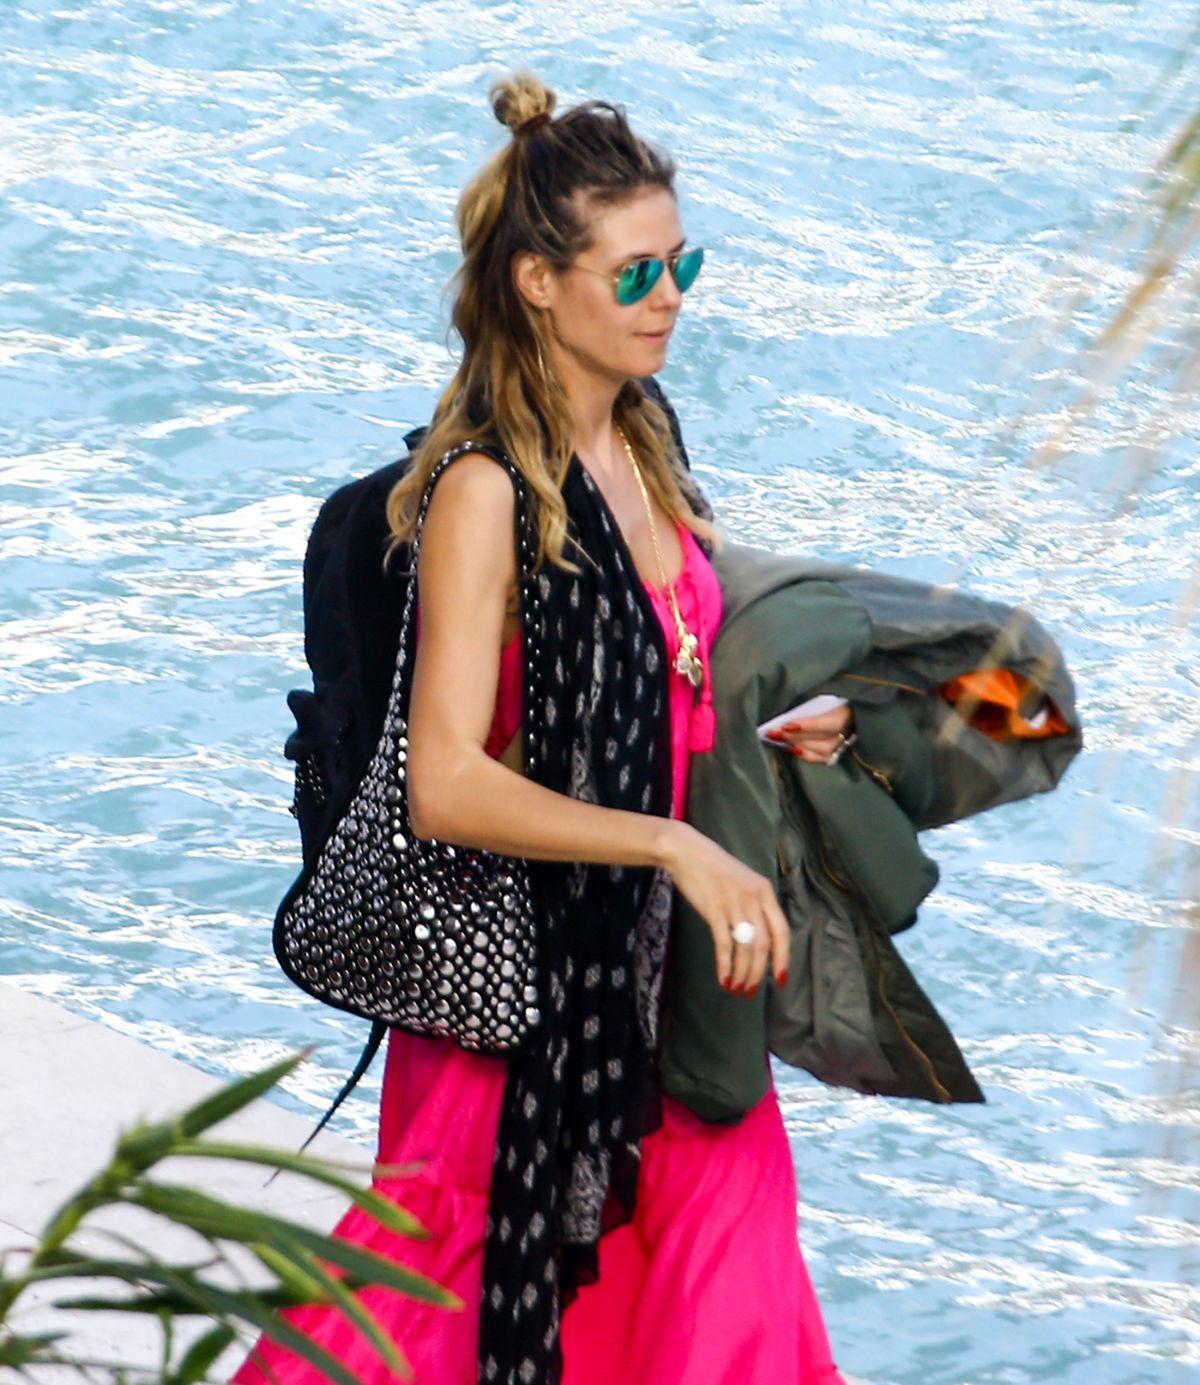 HEIDI KLUM on Vacation in Miami 01/03/2017